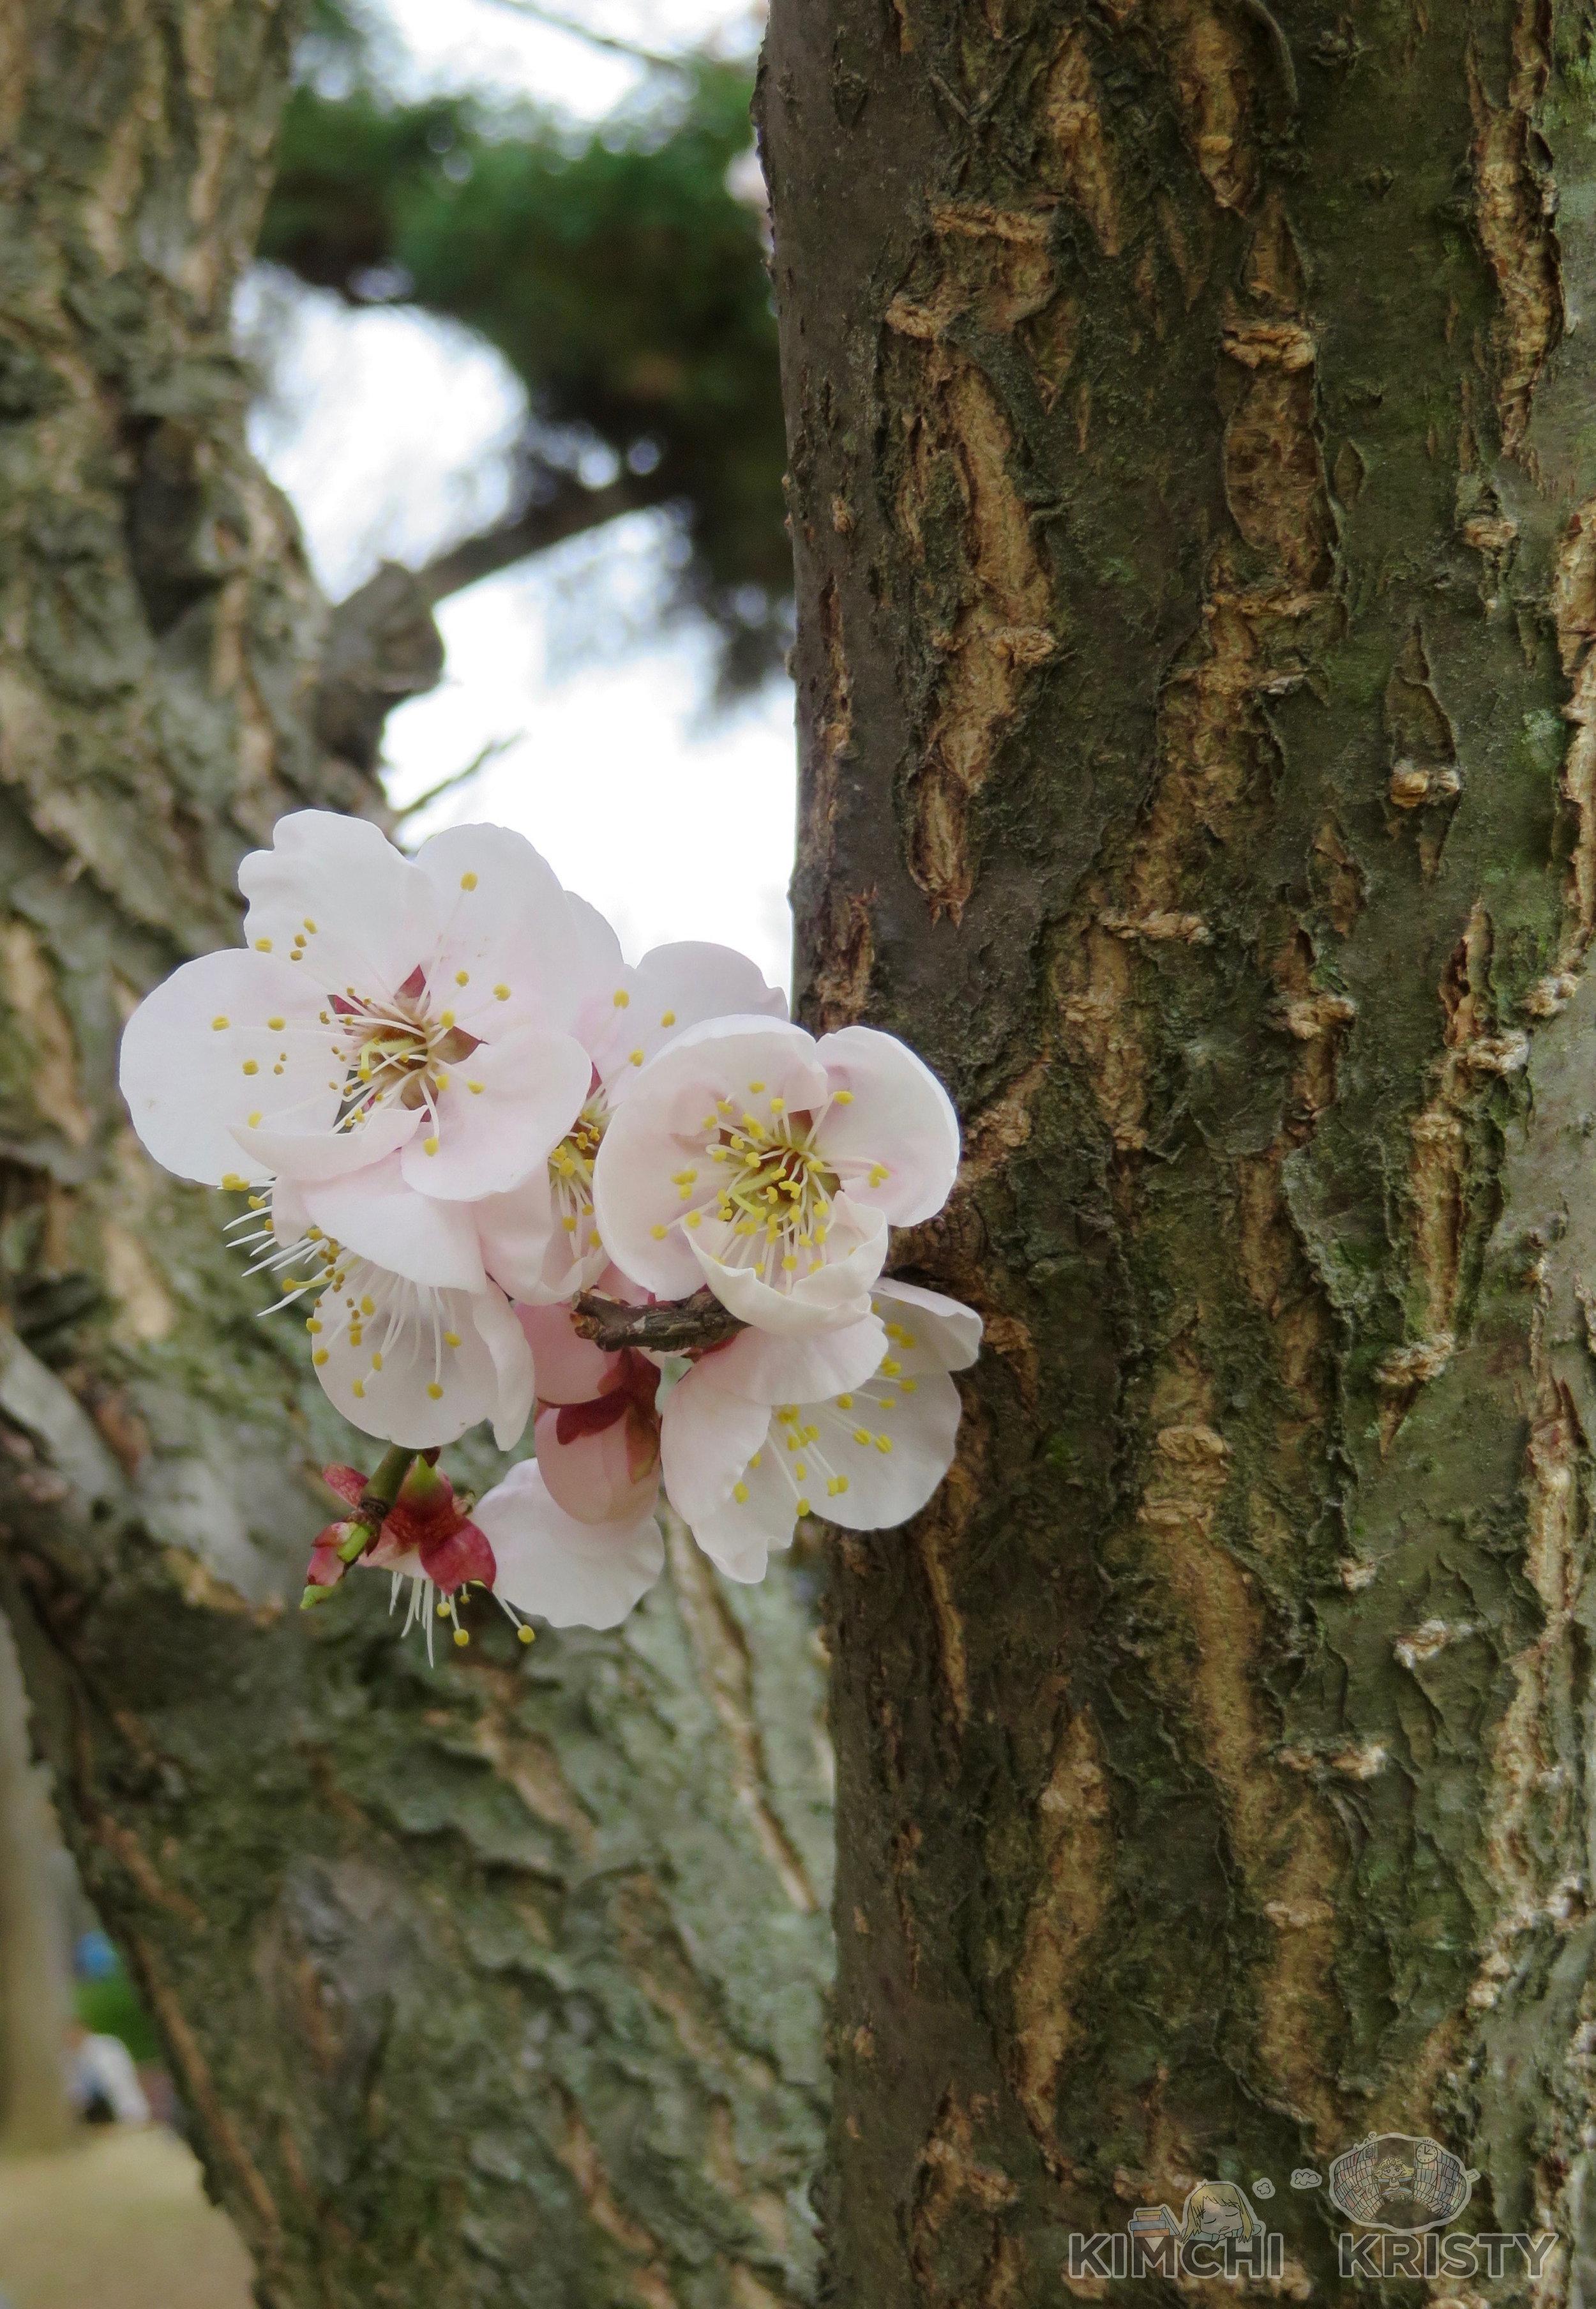 blossomssmall.jpg